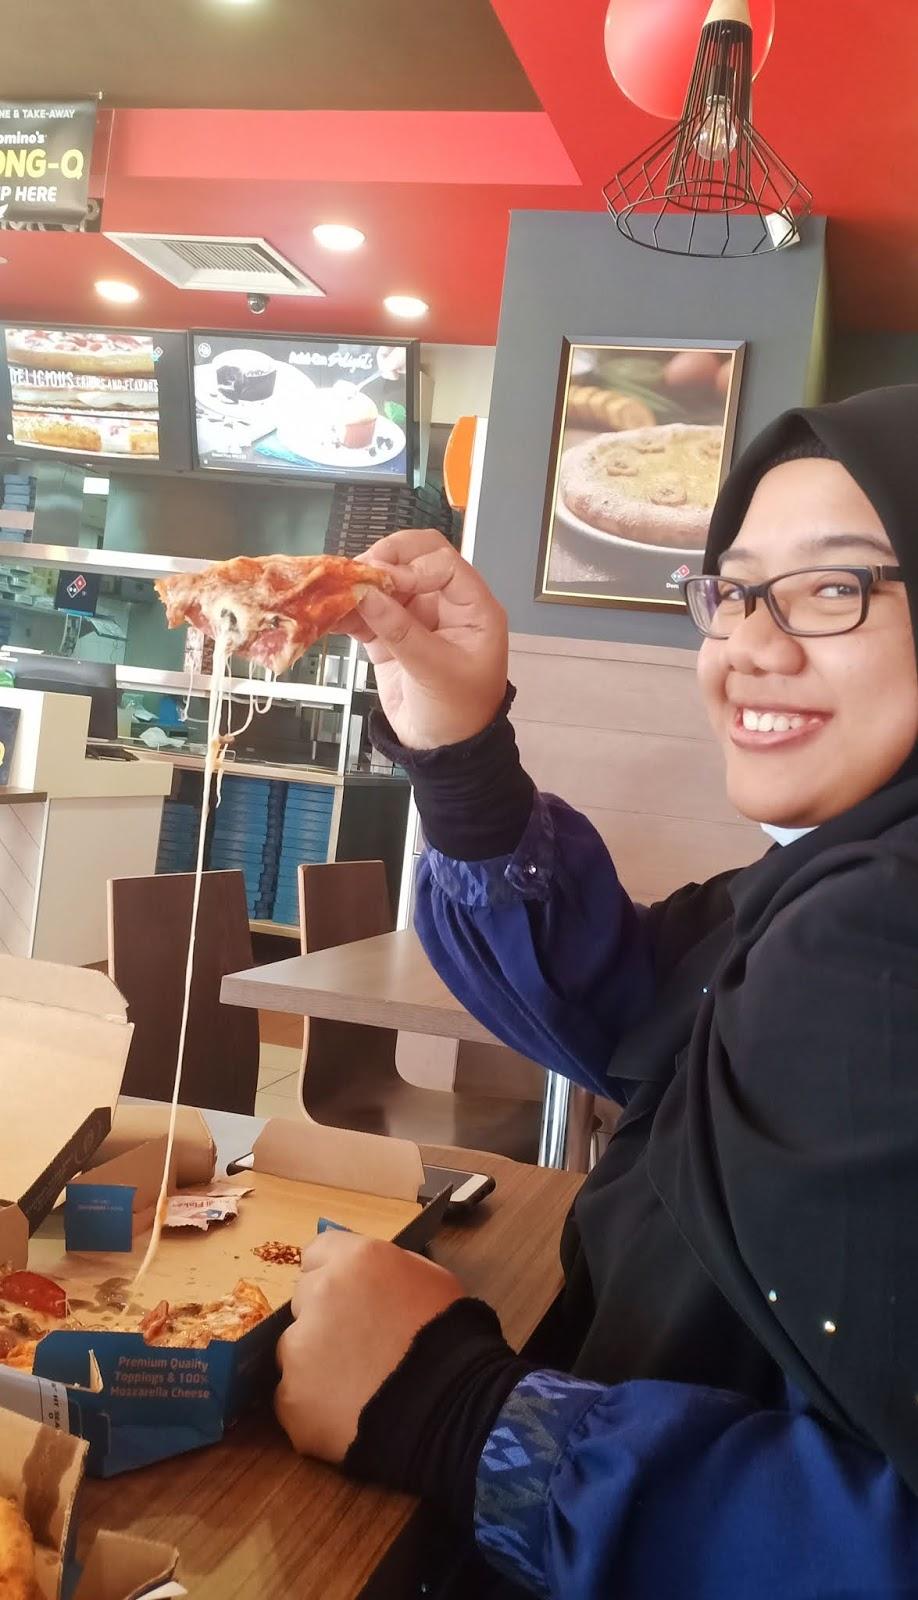 Makan domino's personal pizza harga RM5 jika order sebelum 12 tengahari